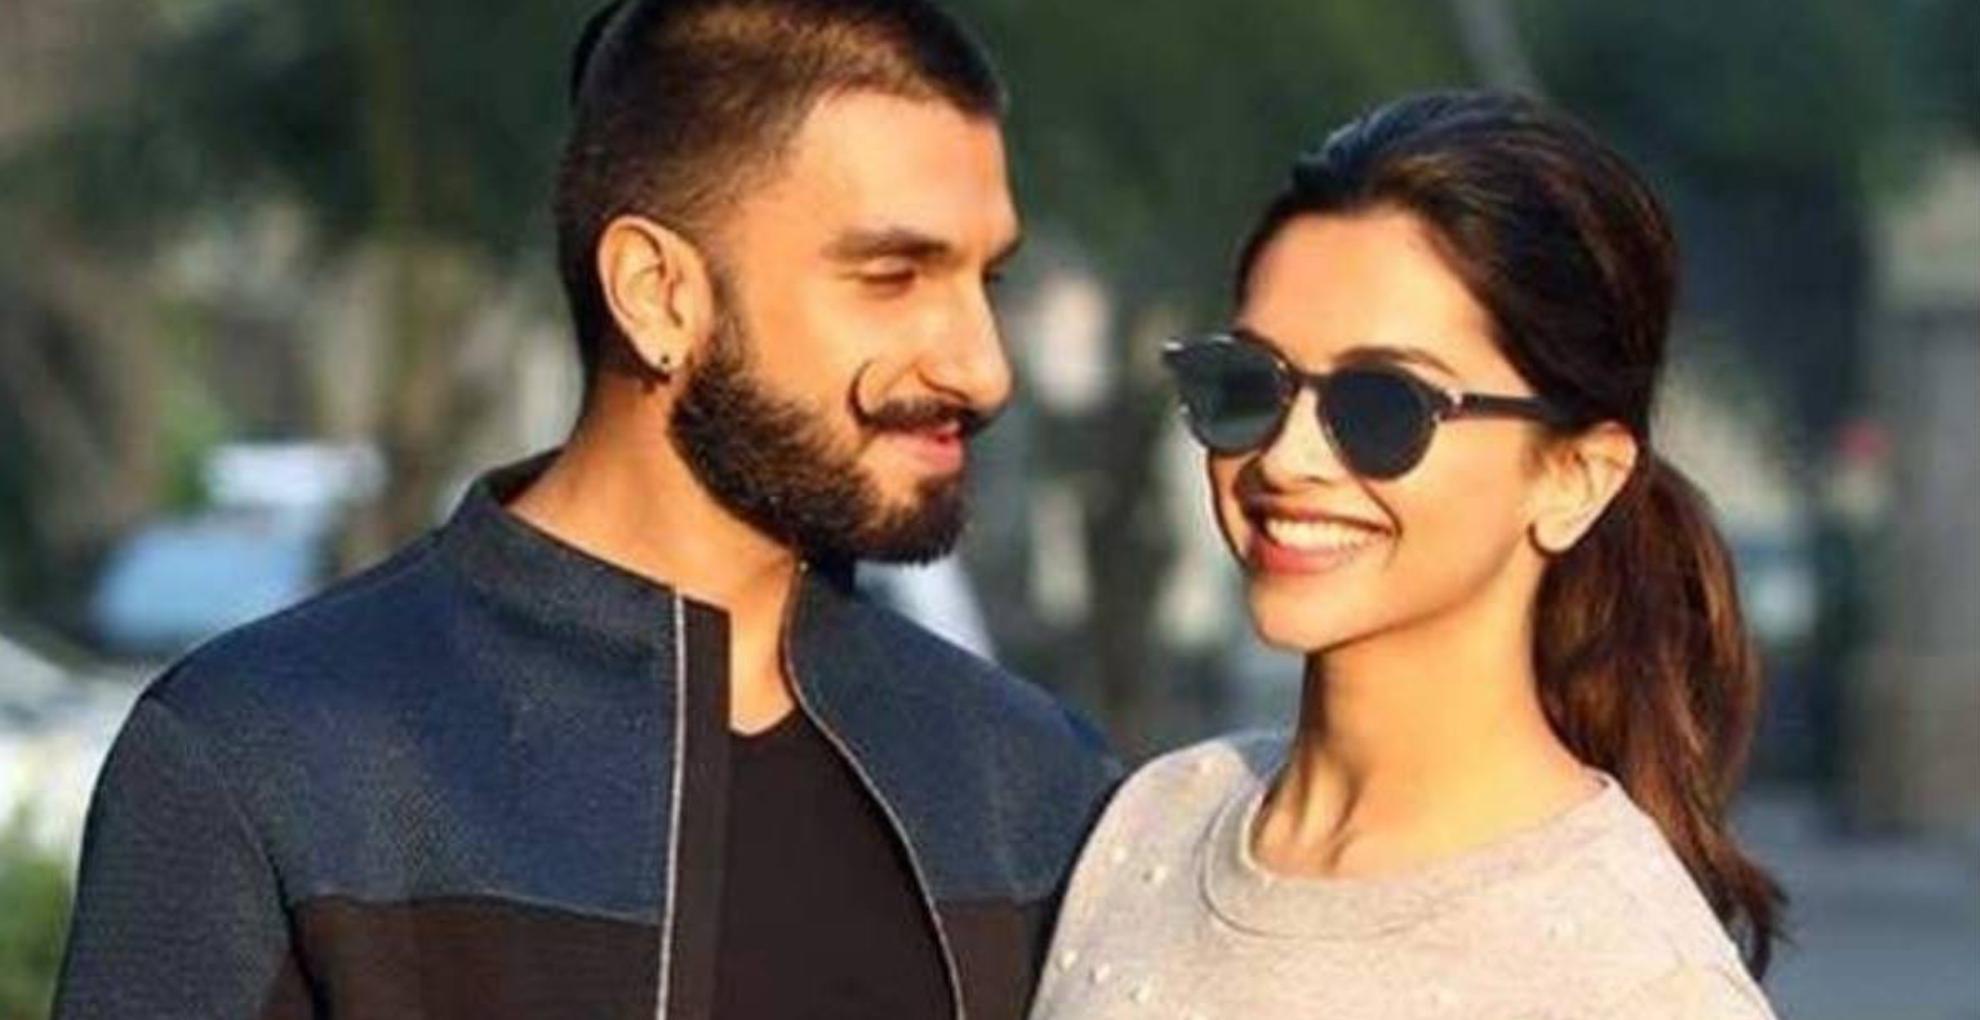 Relationship Tips: रणवीर सिंह जैसा अच्छा पार्टनर बनने के लिए याद रखें ये 5 बातें, प्यार और रिश्ता होगा मजबूत